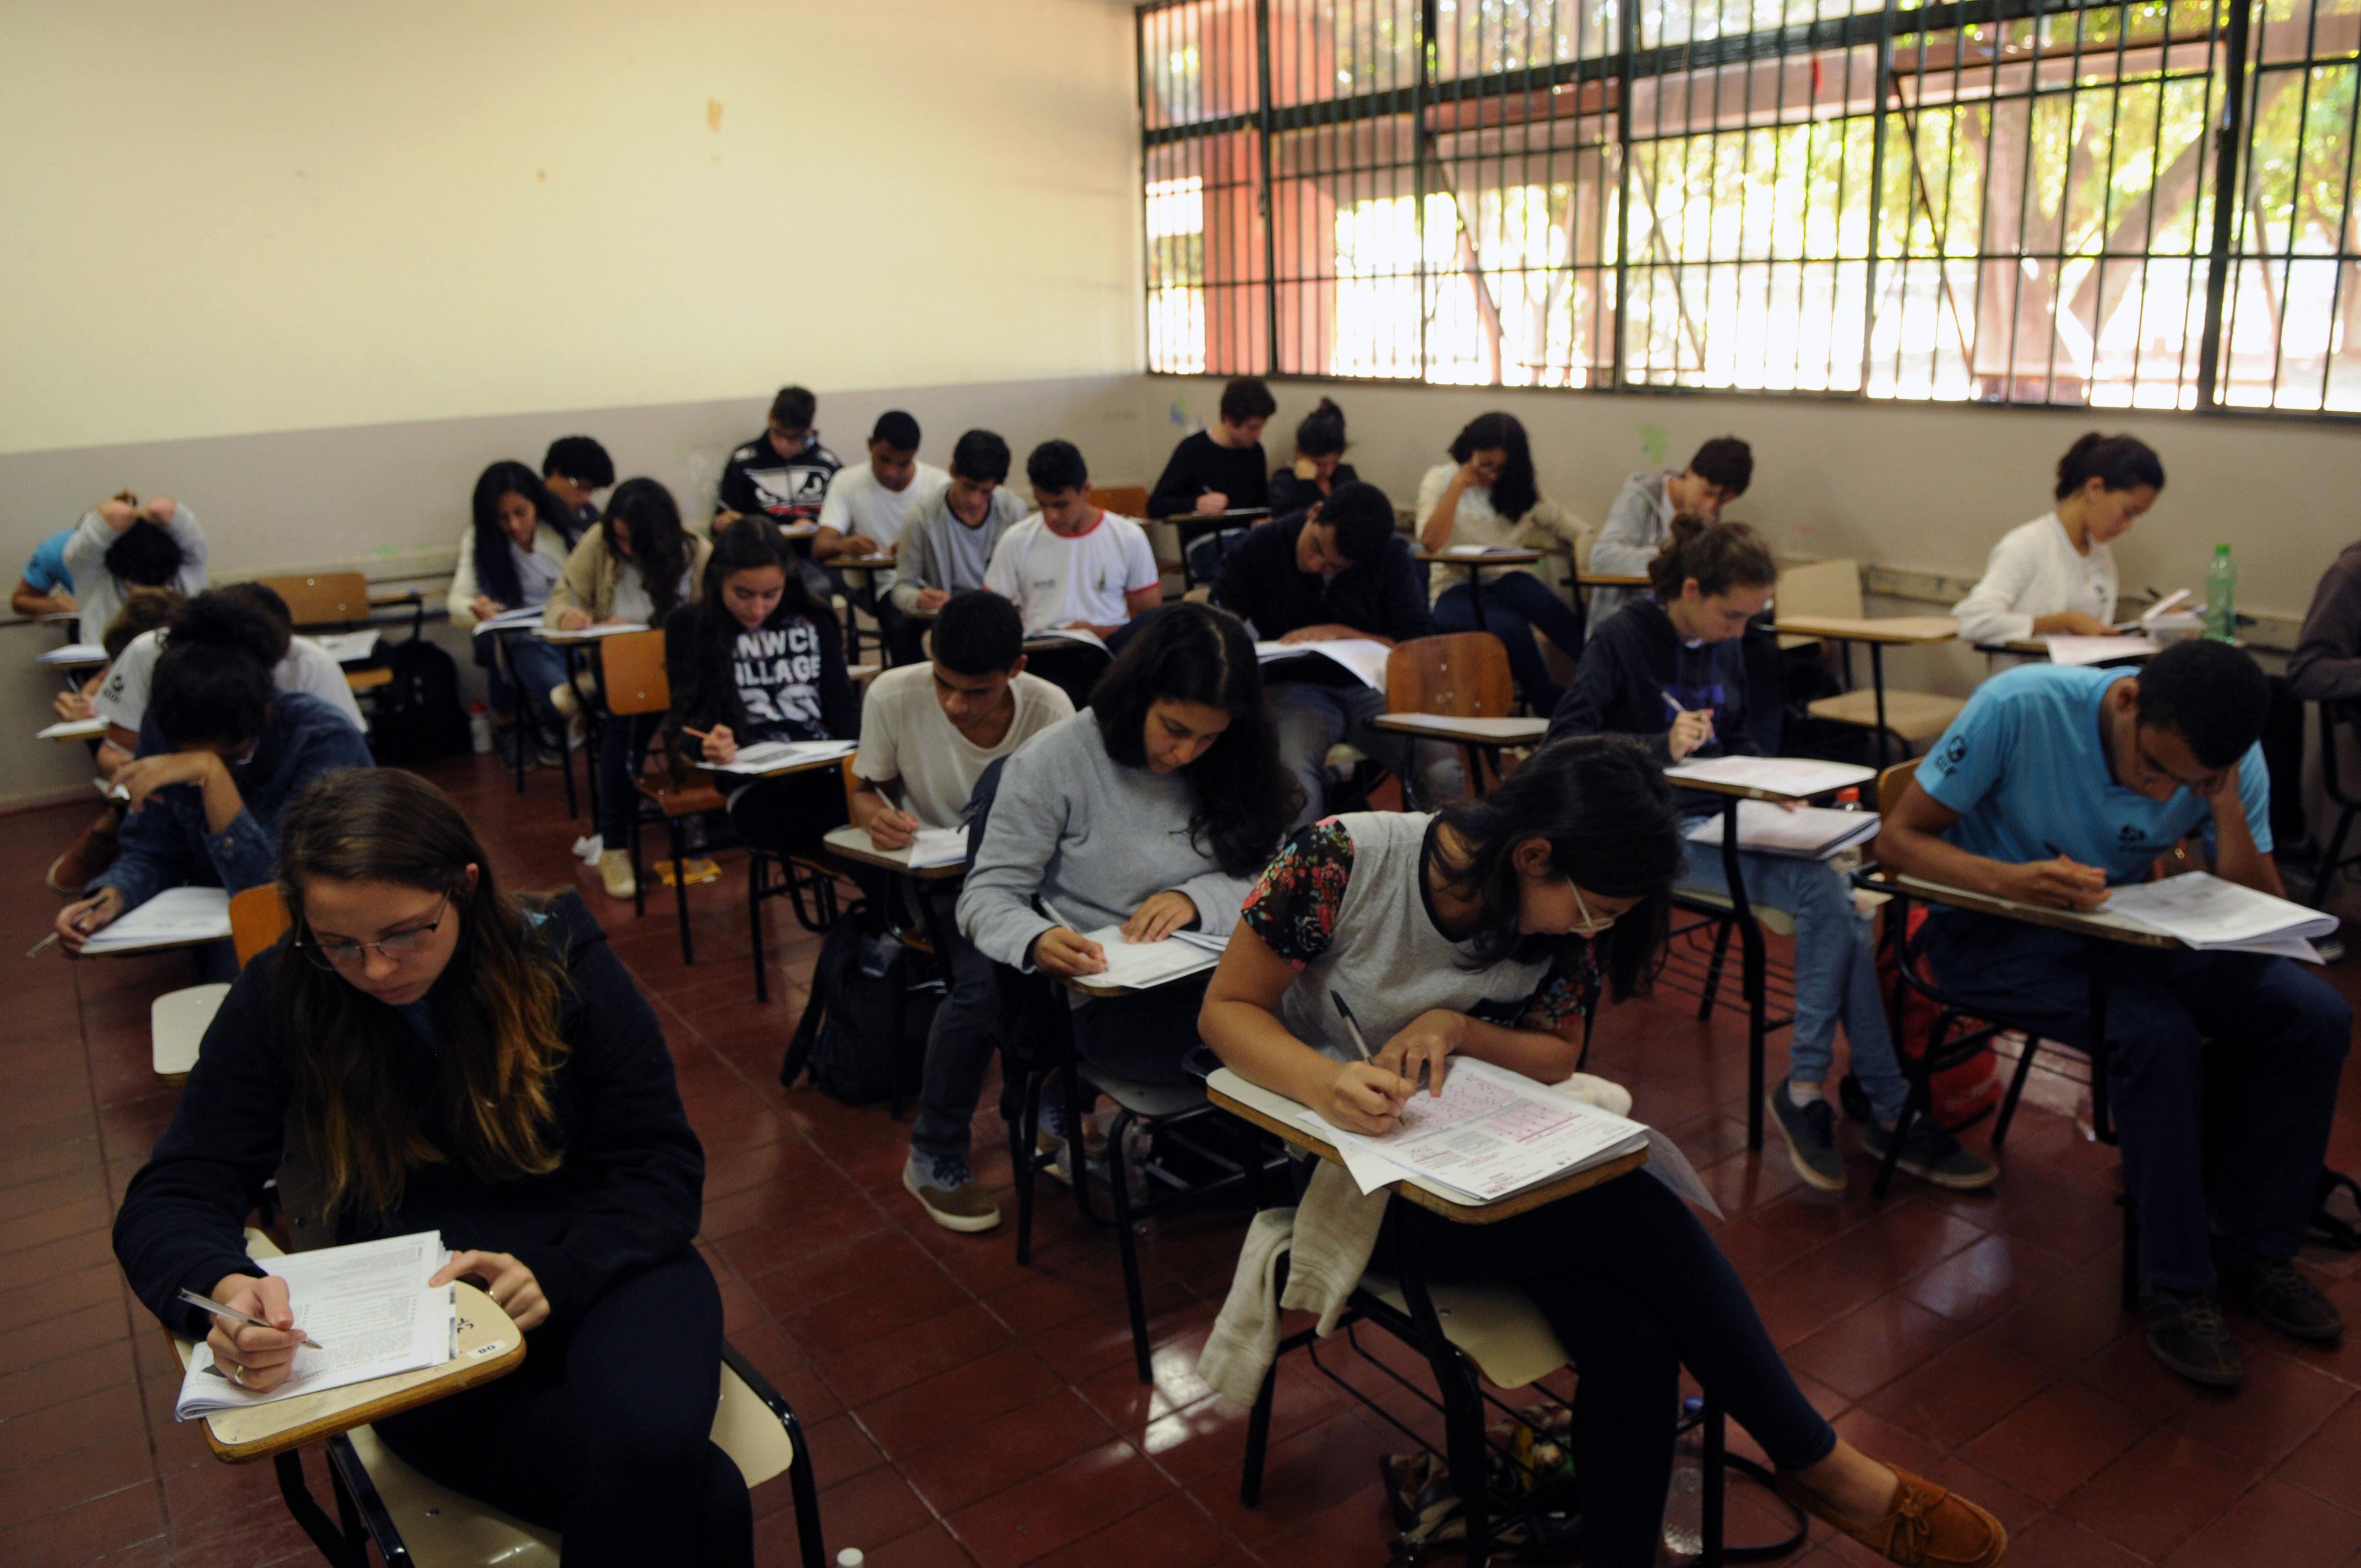 Educação - sala de aula - alunos provas estudos adolescentes ensino aprendizagem